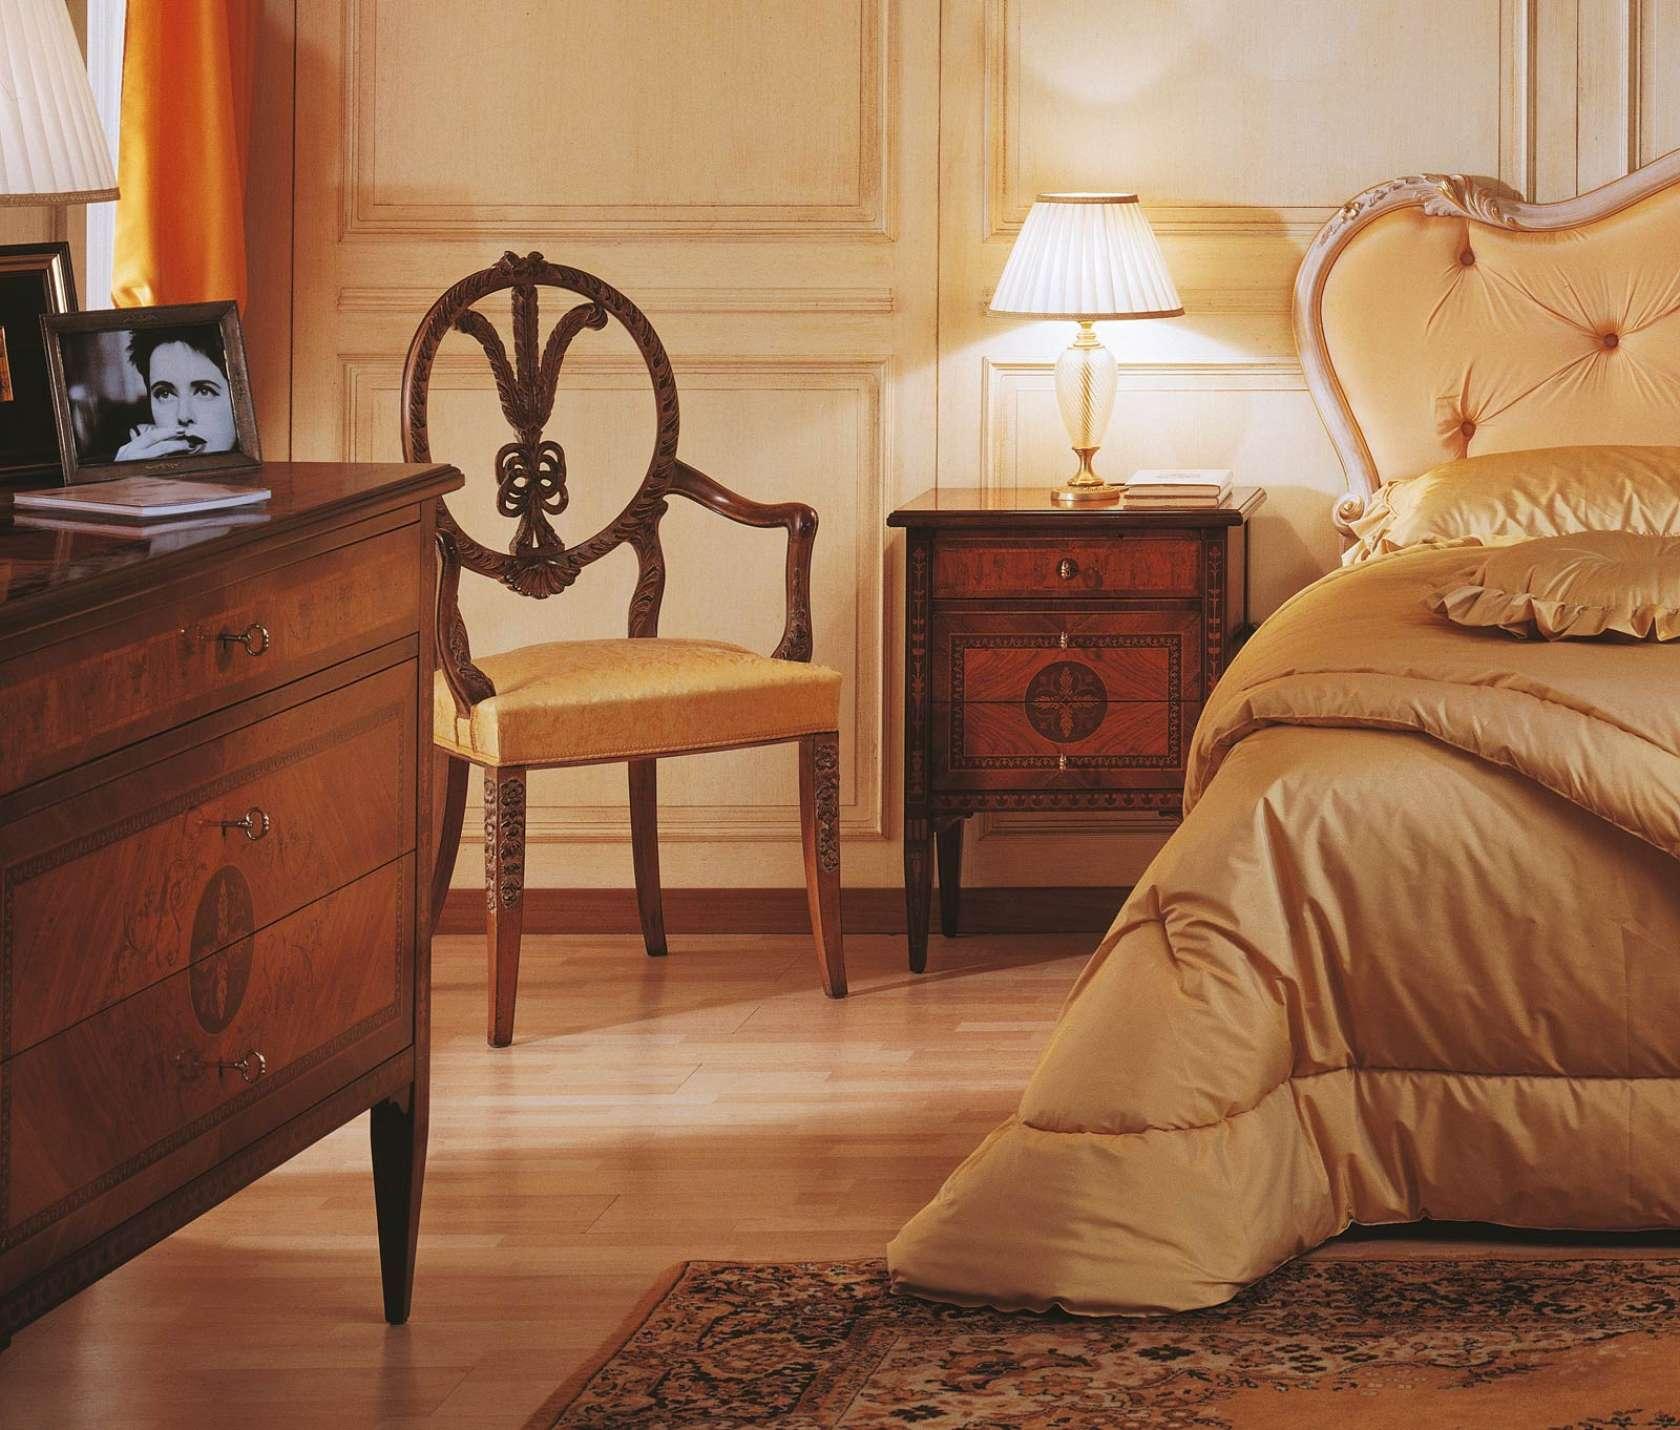 Camera da letto classica in stile I Maggiolini, letto ...